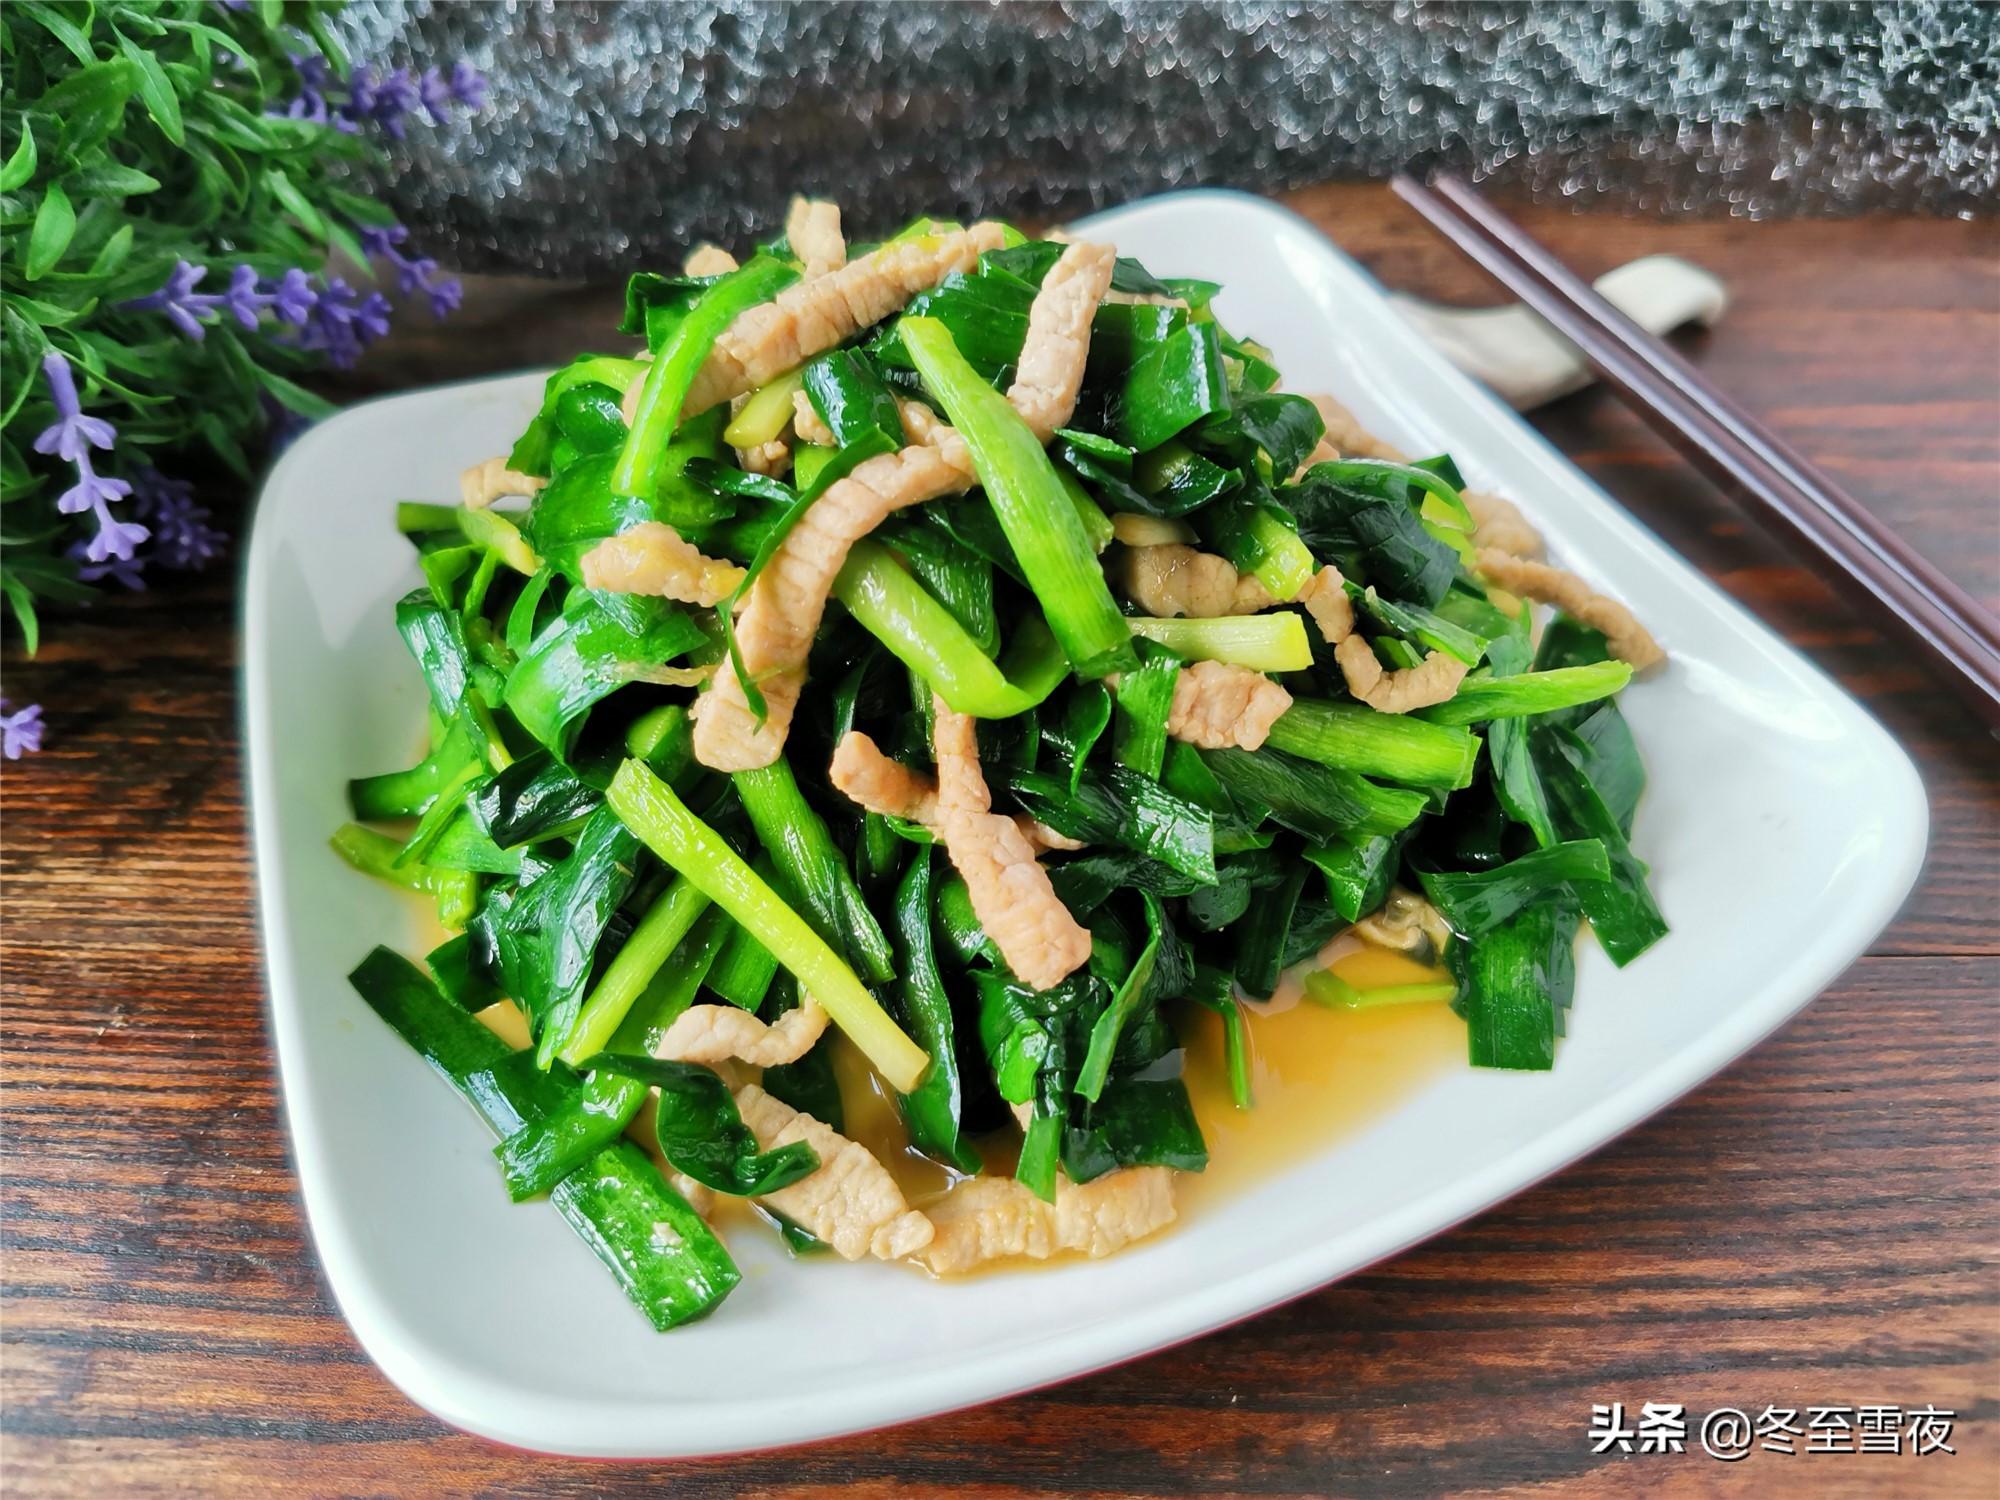 12道韭菜的做法,鲜香味美,鲜味十足 美食做法 第4张